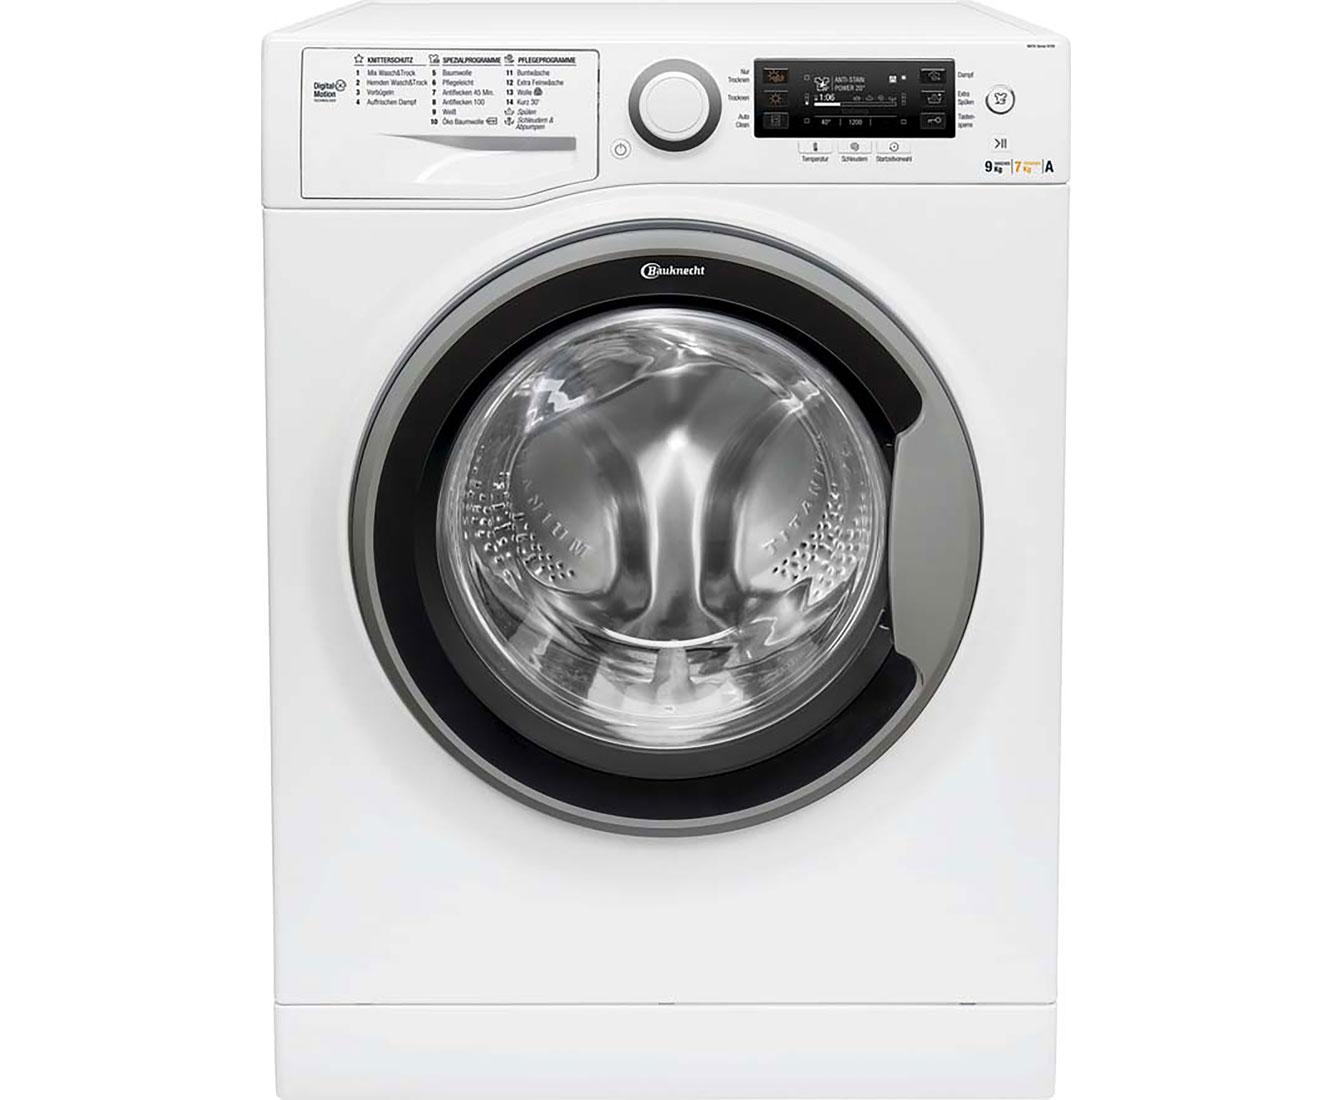 [AO] Bauknecht WATK Sense 97D6 EU Waschtrockner für 609€ (inkl. Versand)